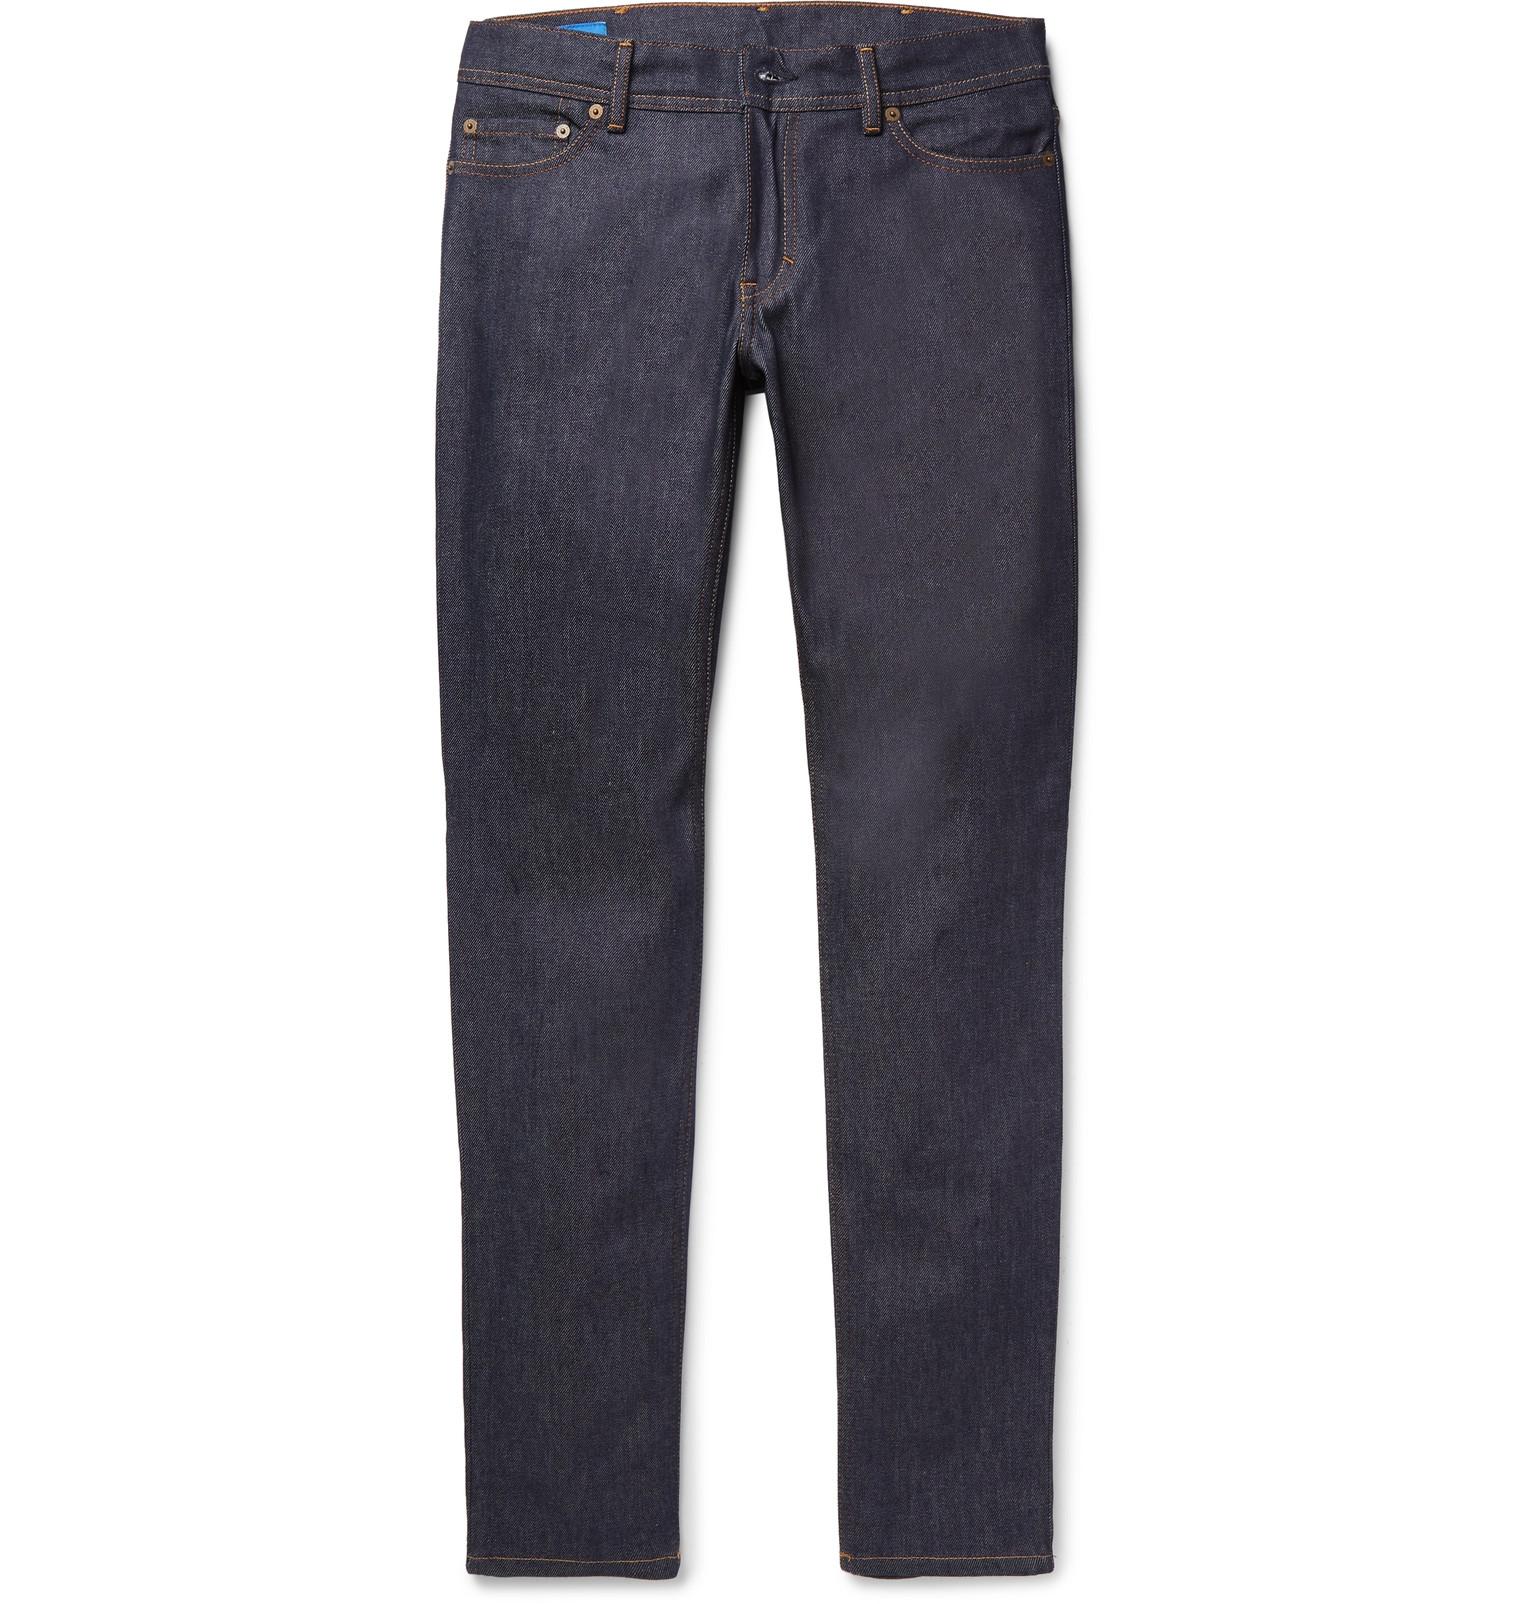 Acne Studios - North Slim-fit Jeans.jpg